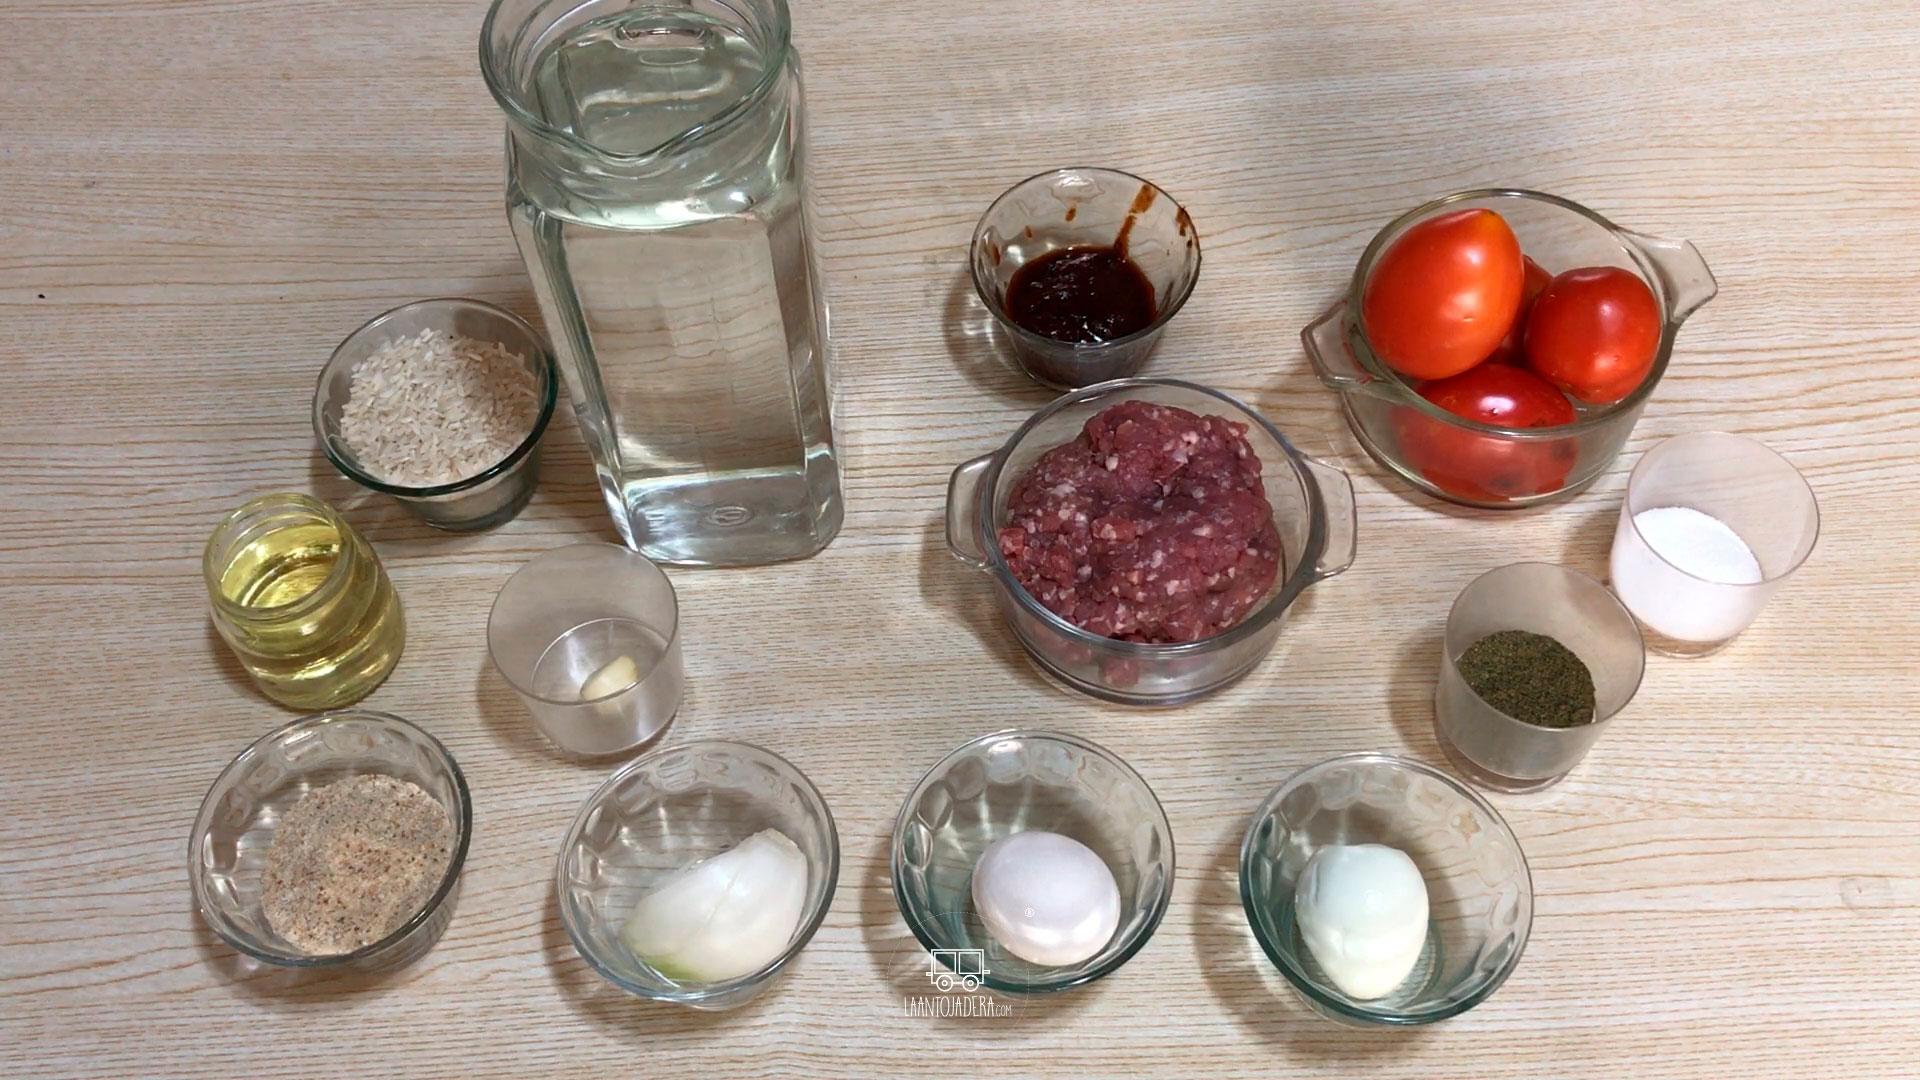 La Antojadera | Albondigas de Res Rellenas de Huevo en Chipotle